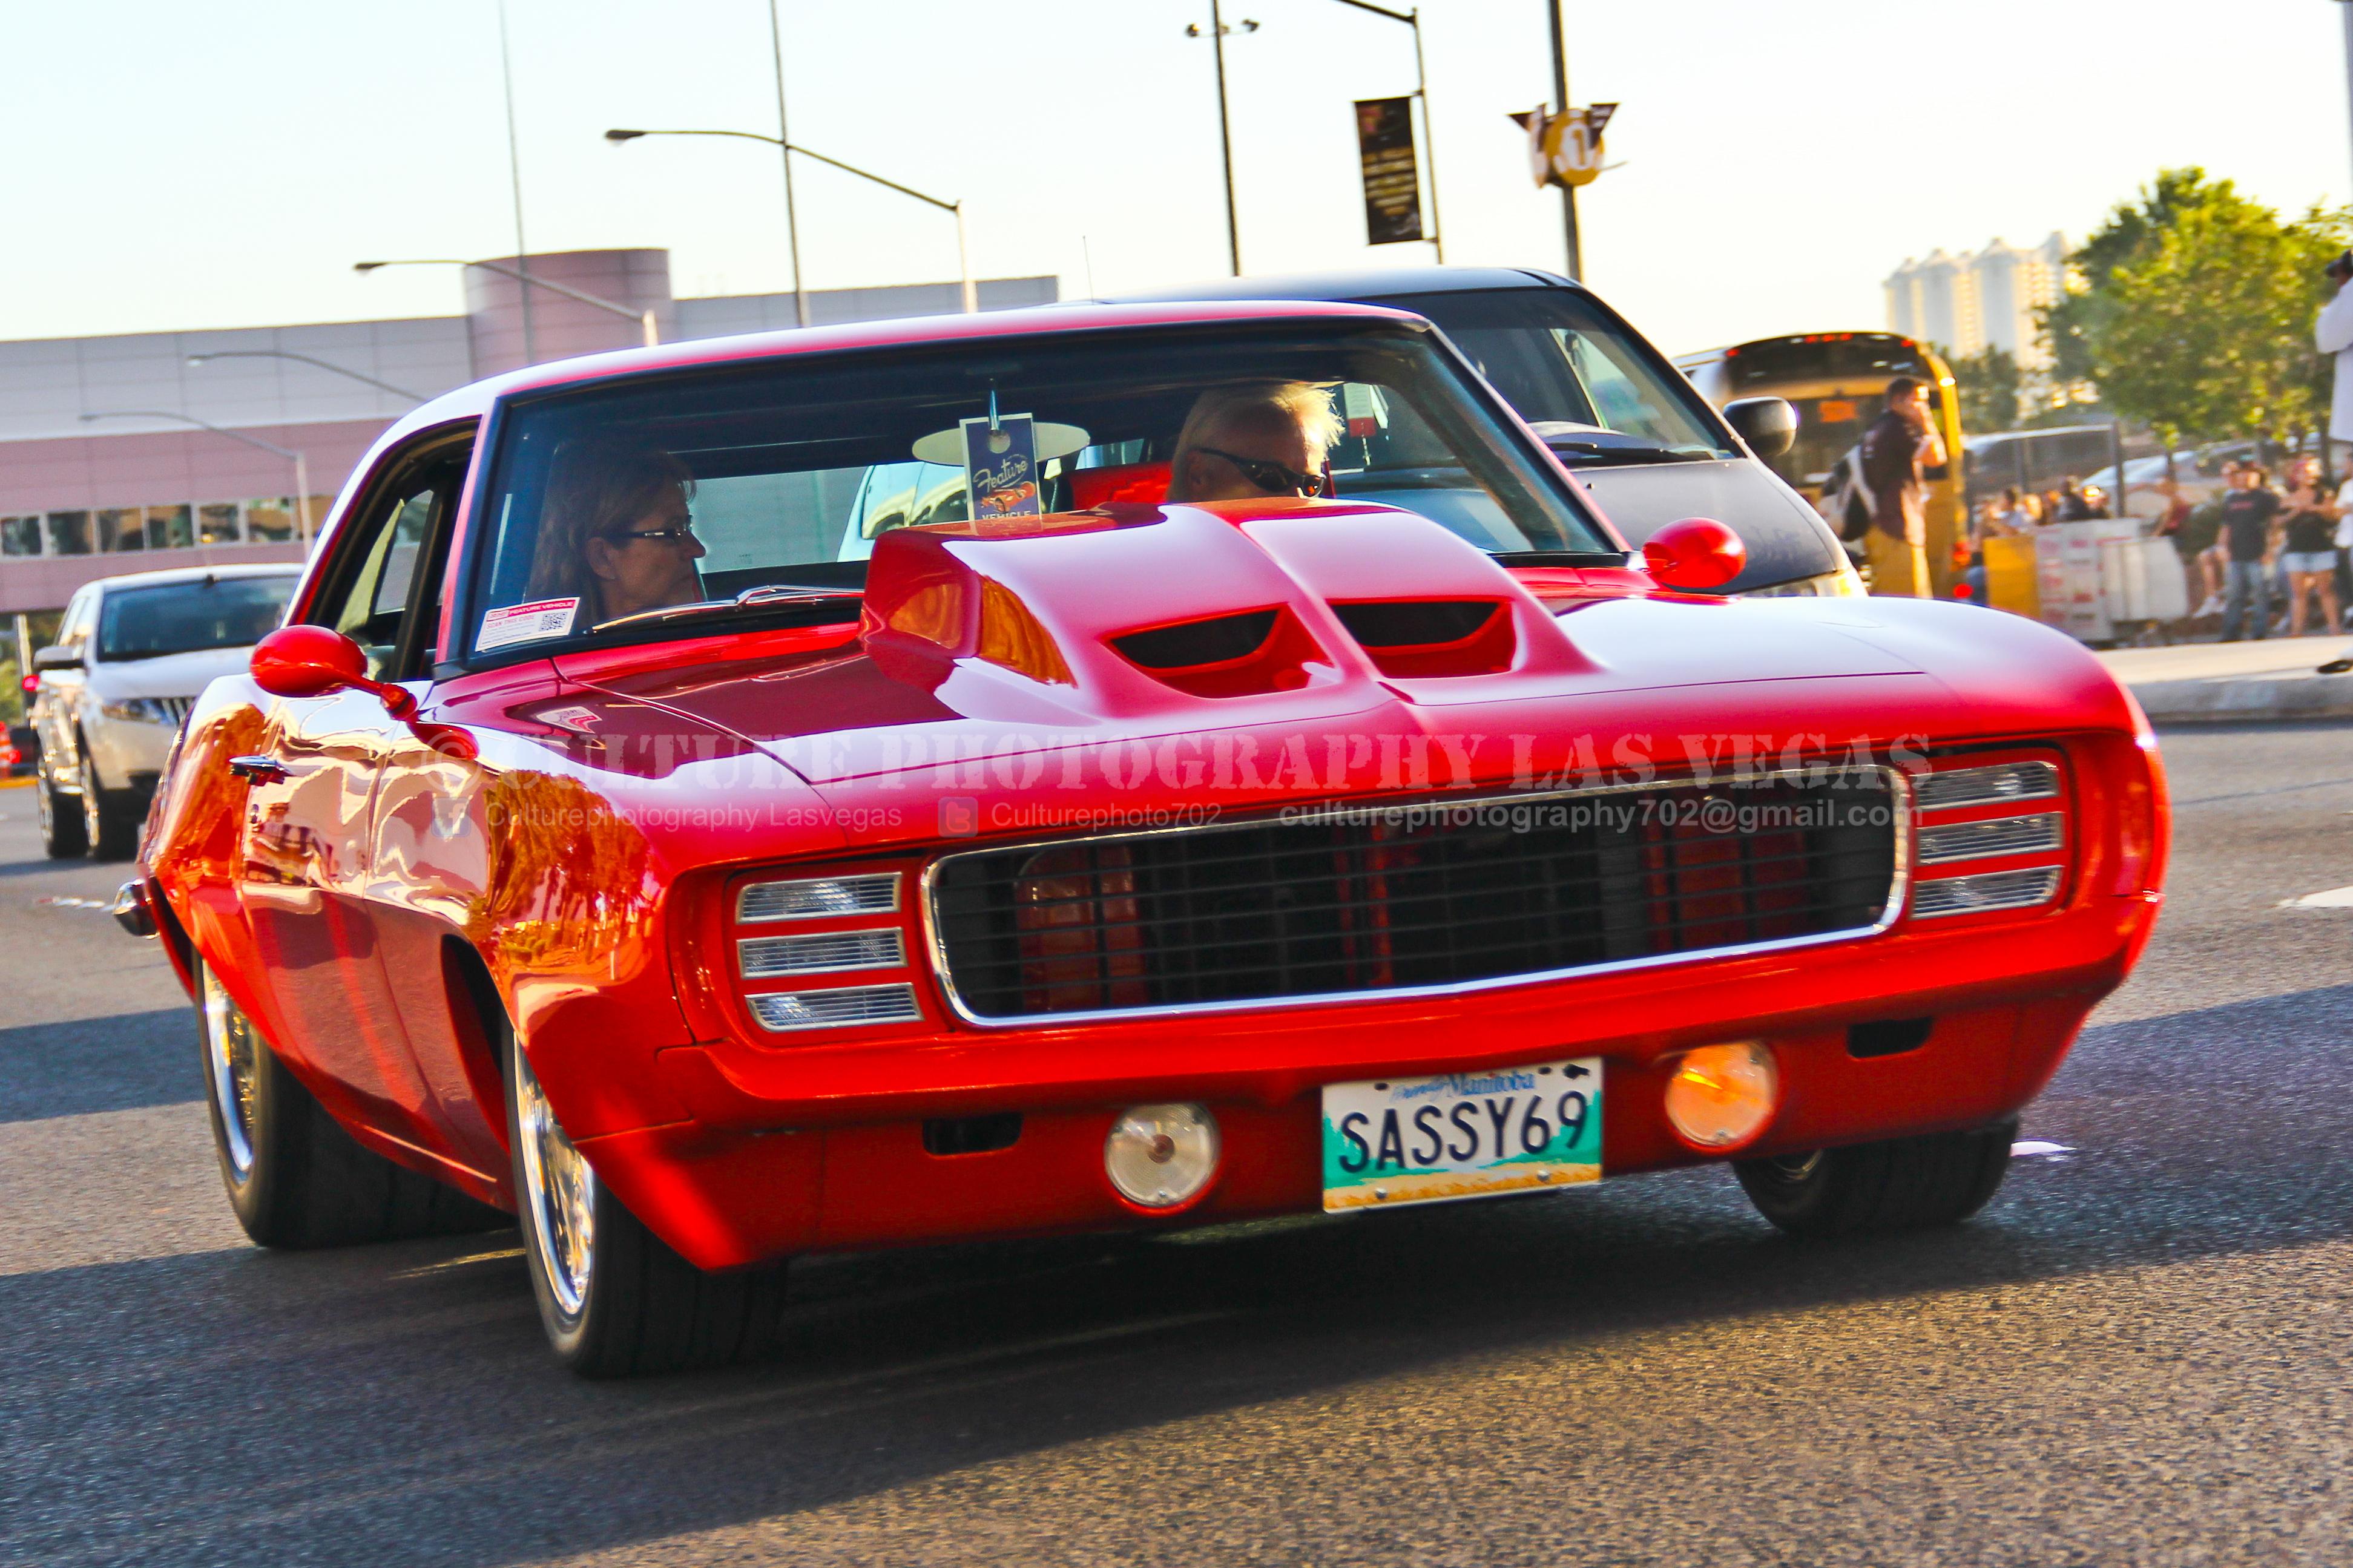 CAR SHOWS CULTURE PHOTOGRAPHY LAS VEGAS - Car show photography